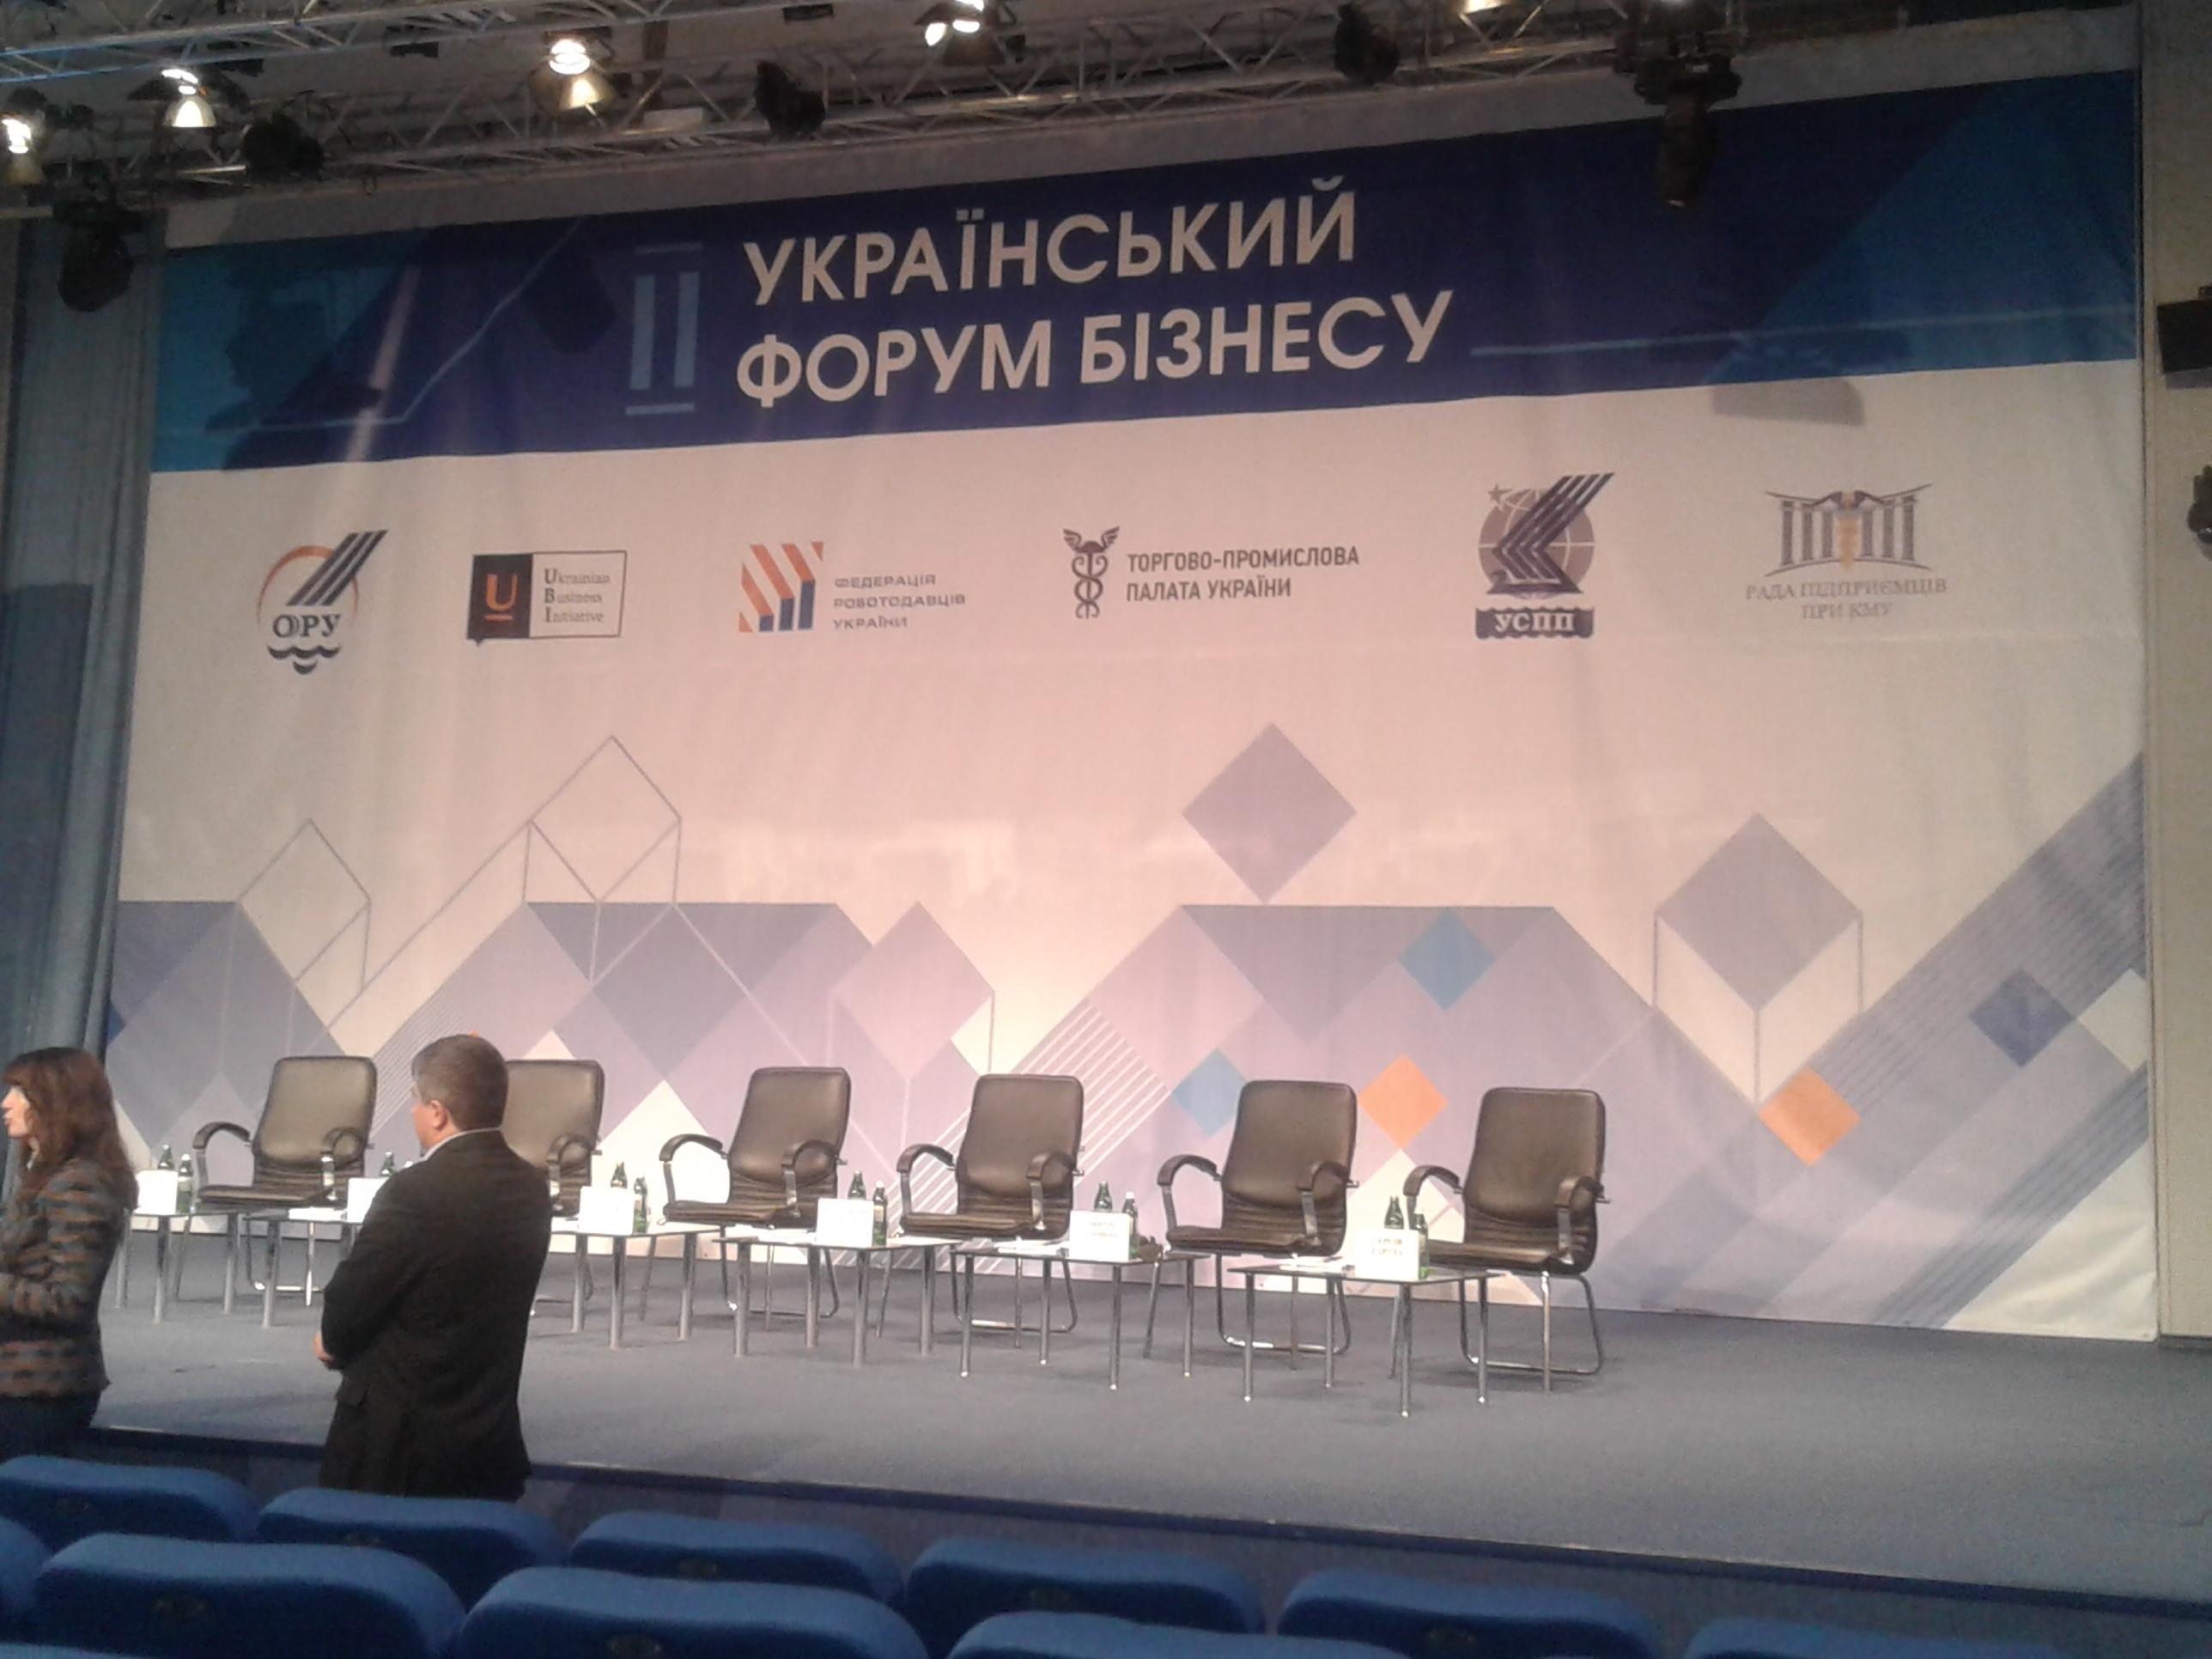 В Києві відбувся ІІ Український форум бізнесу